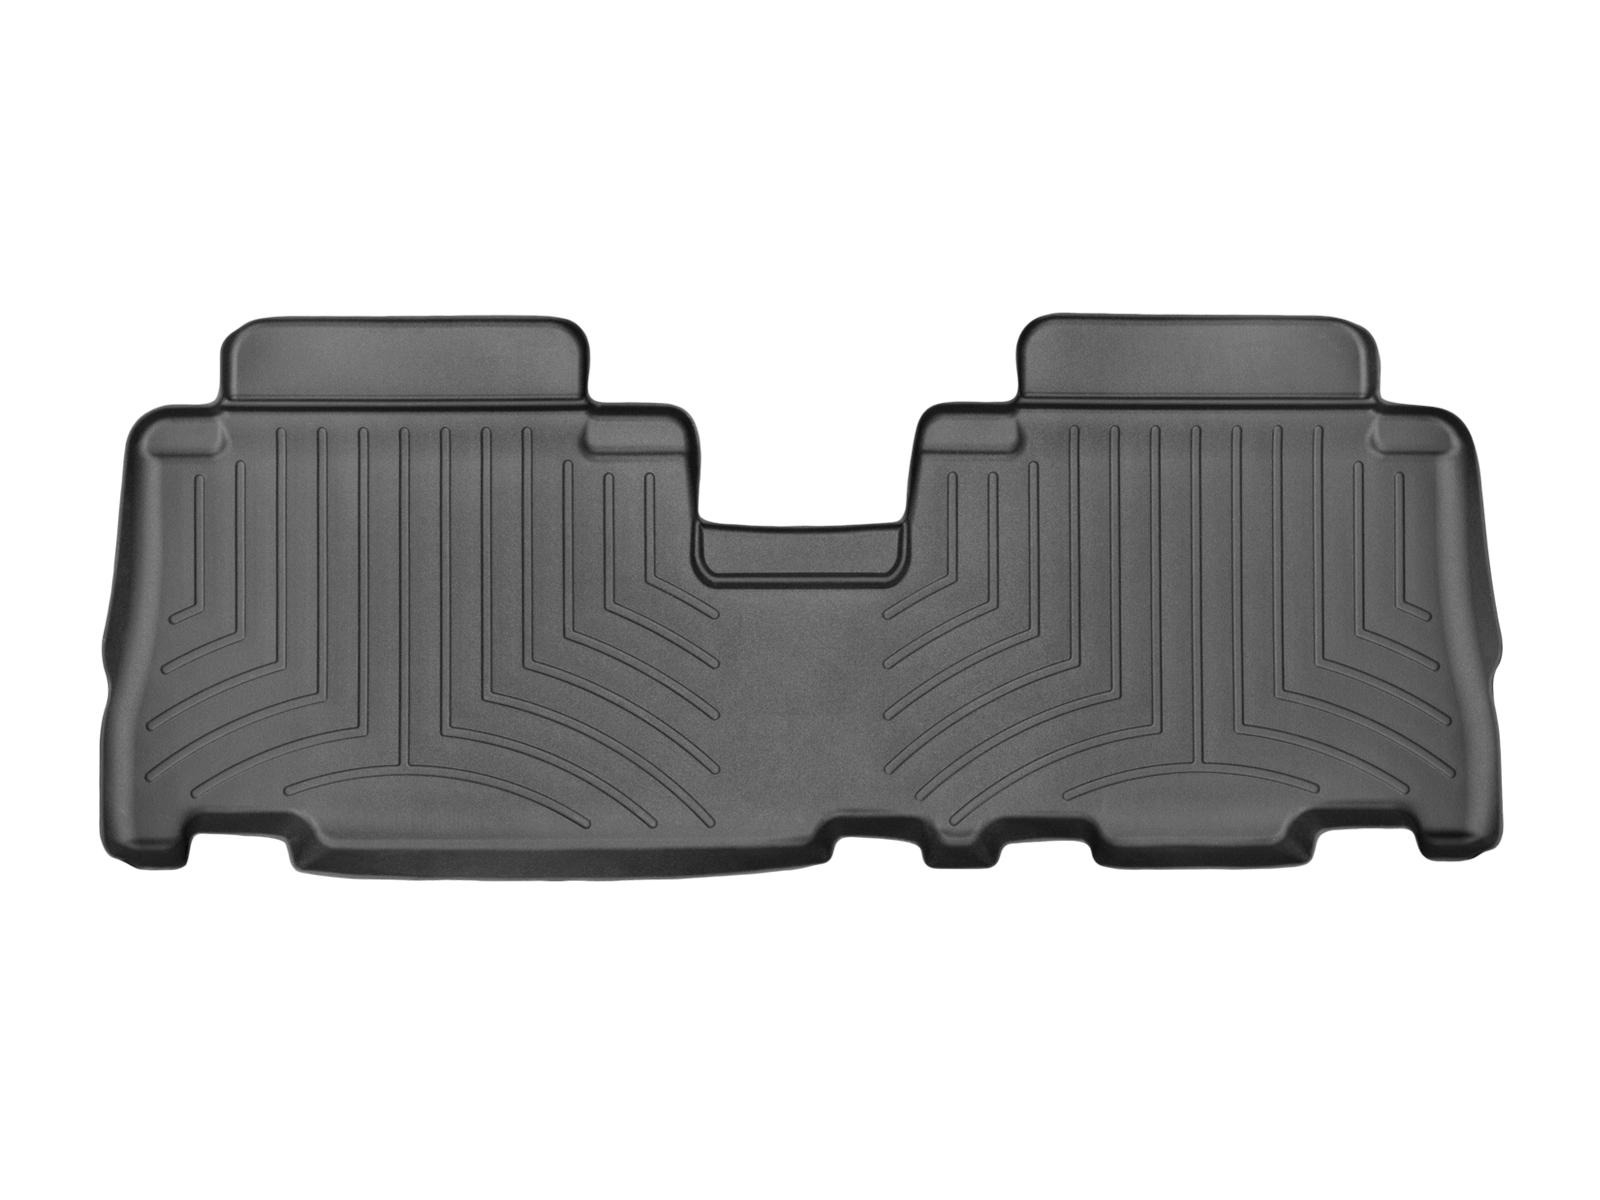 Tappeti gomma su misura bordo alto Opel Antara 06>16 Nero A2951